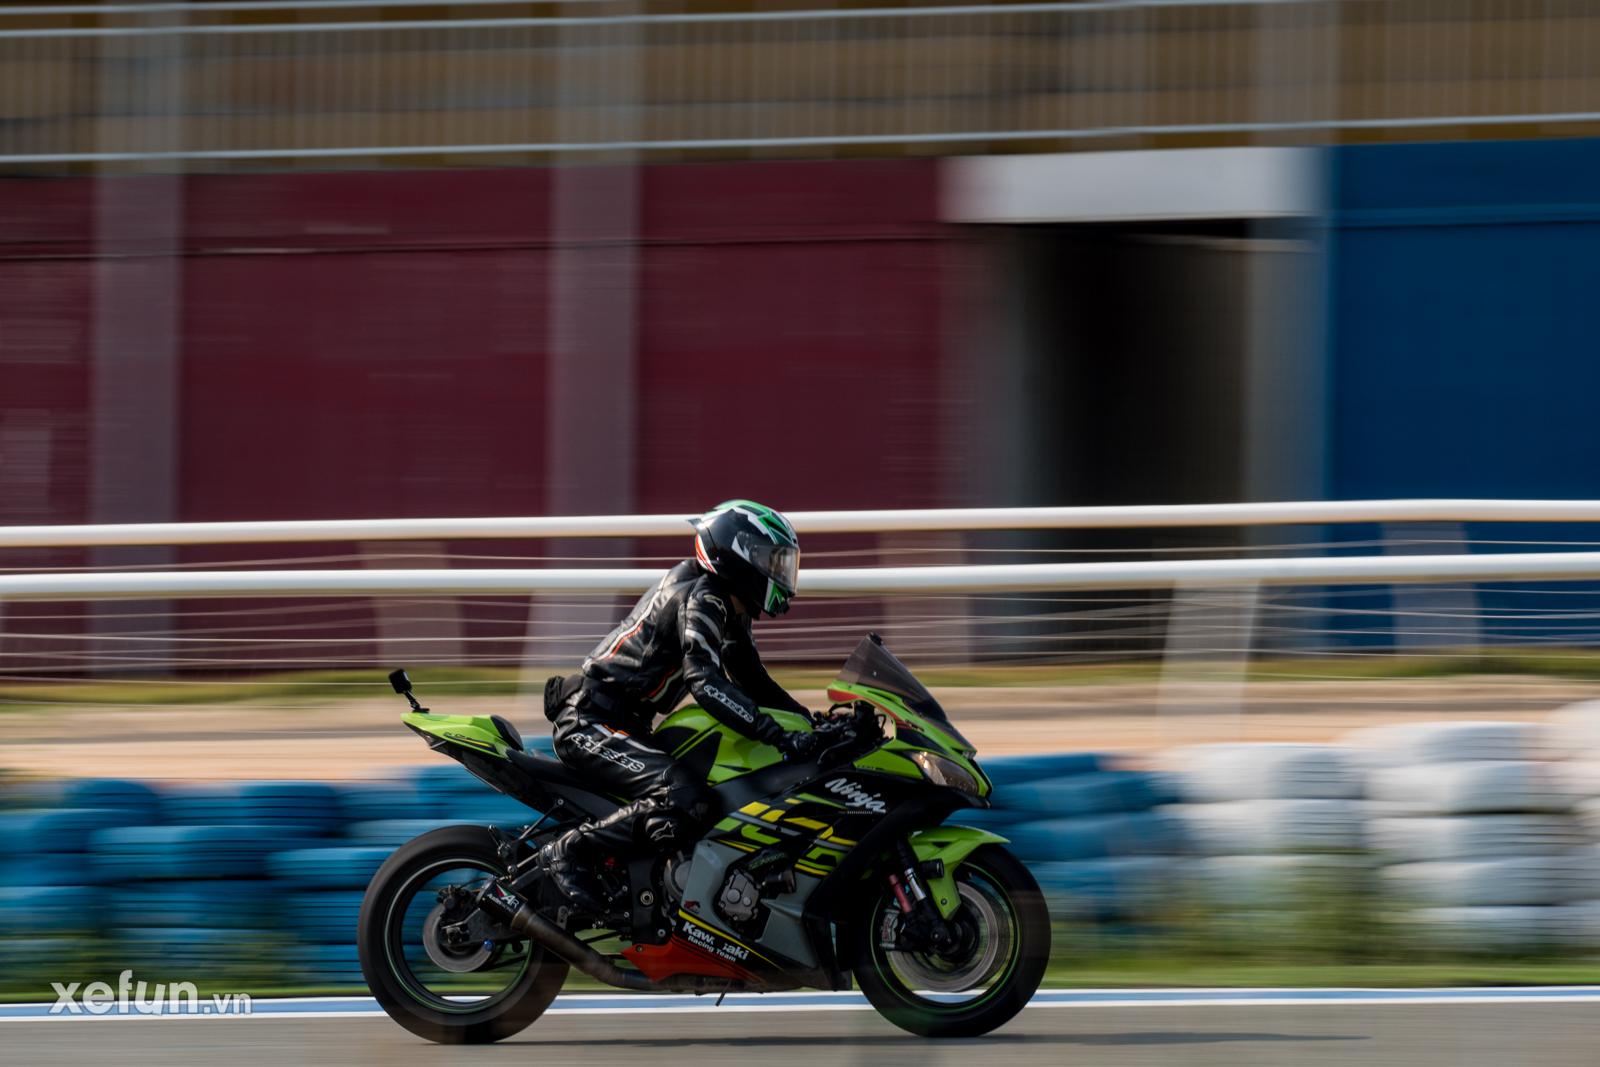 Các tay đua nài xe phân khối lớn PKL BMW S1000RR Ducati Monster Kawasaki Ninja ZX10R tại Trường đua Đại Nam trên Xefun (138)364675